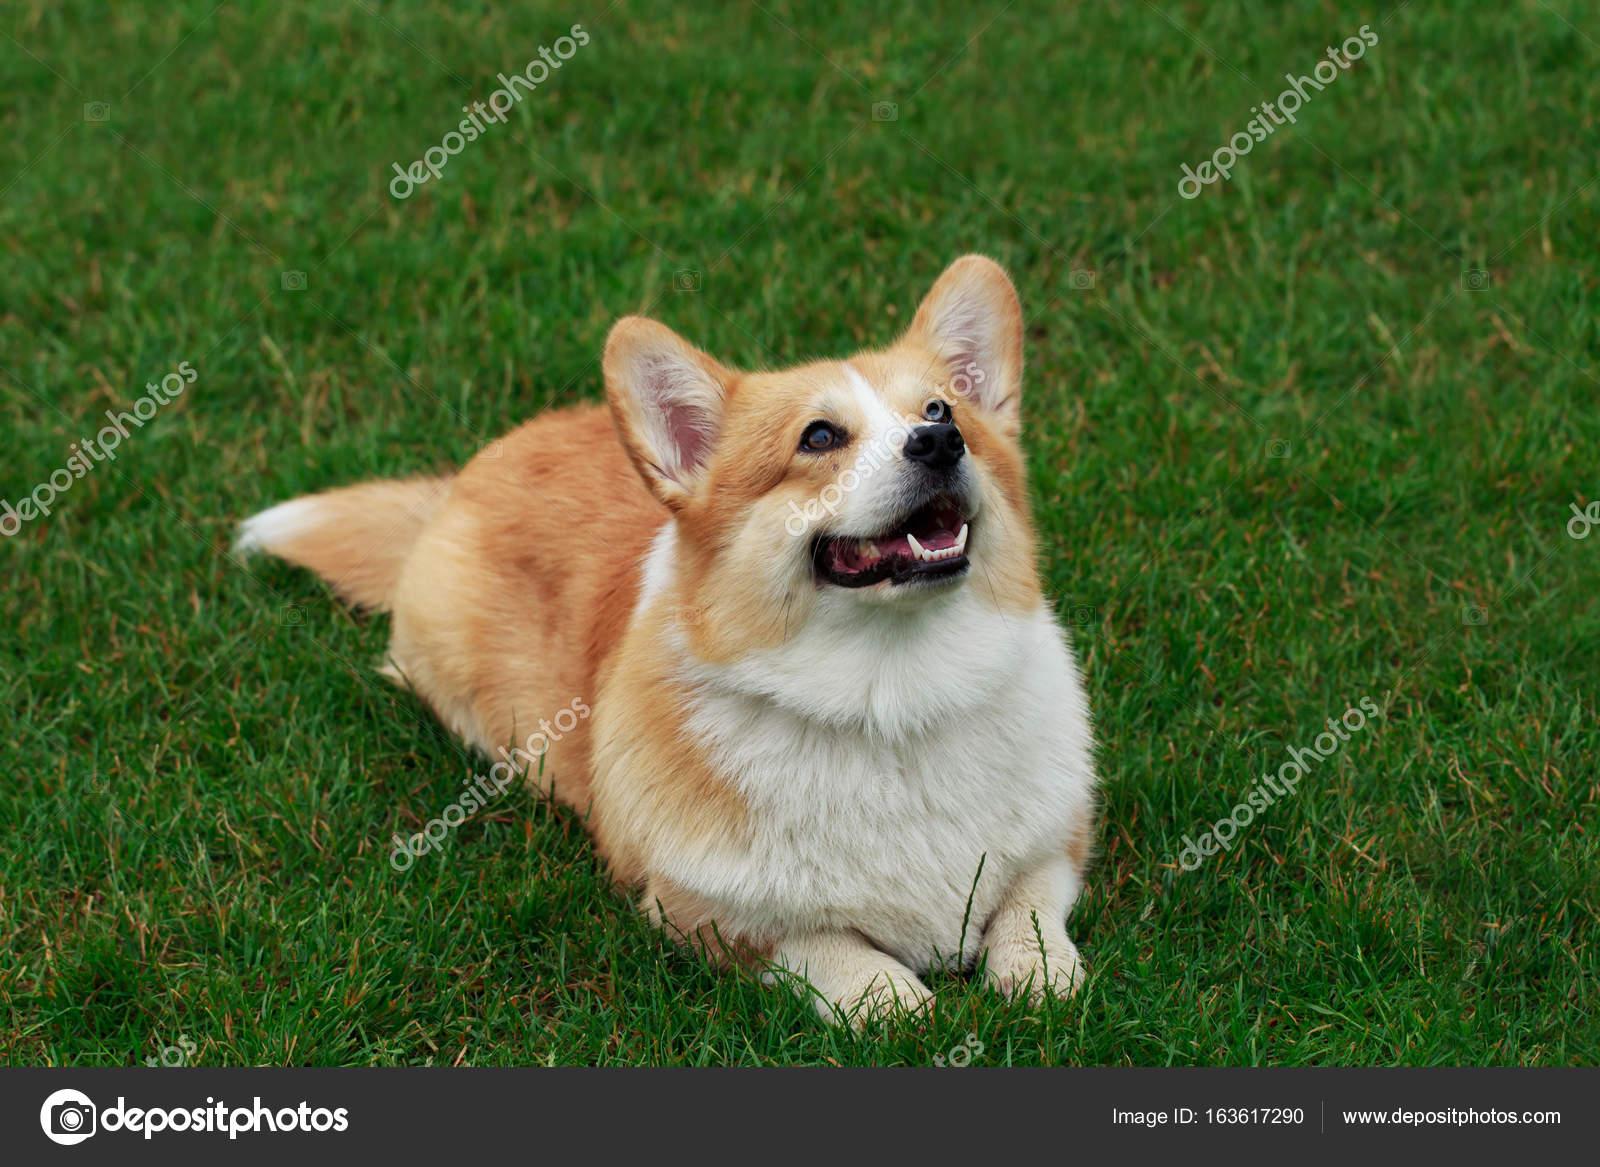 Unikalne pies rasy welsh corgi pembroke — Zdjęcie stockowe © DevidDO #163617290 KY87